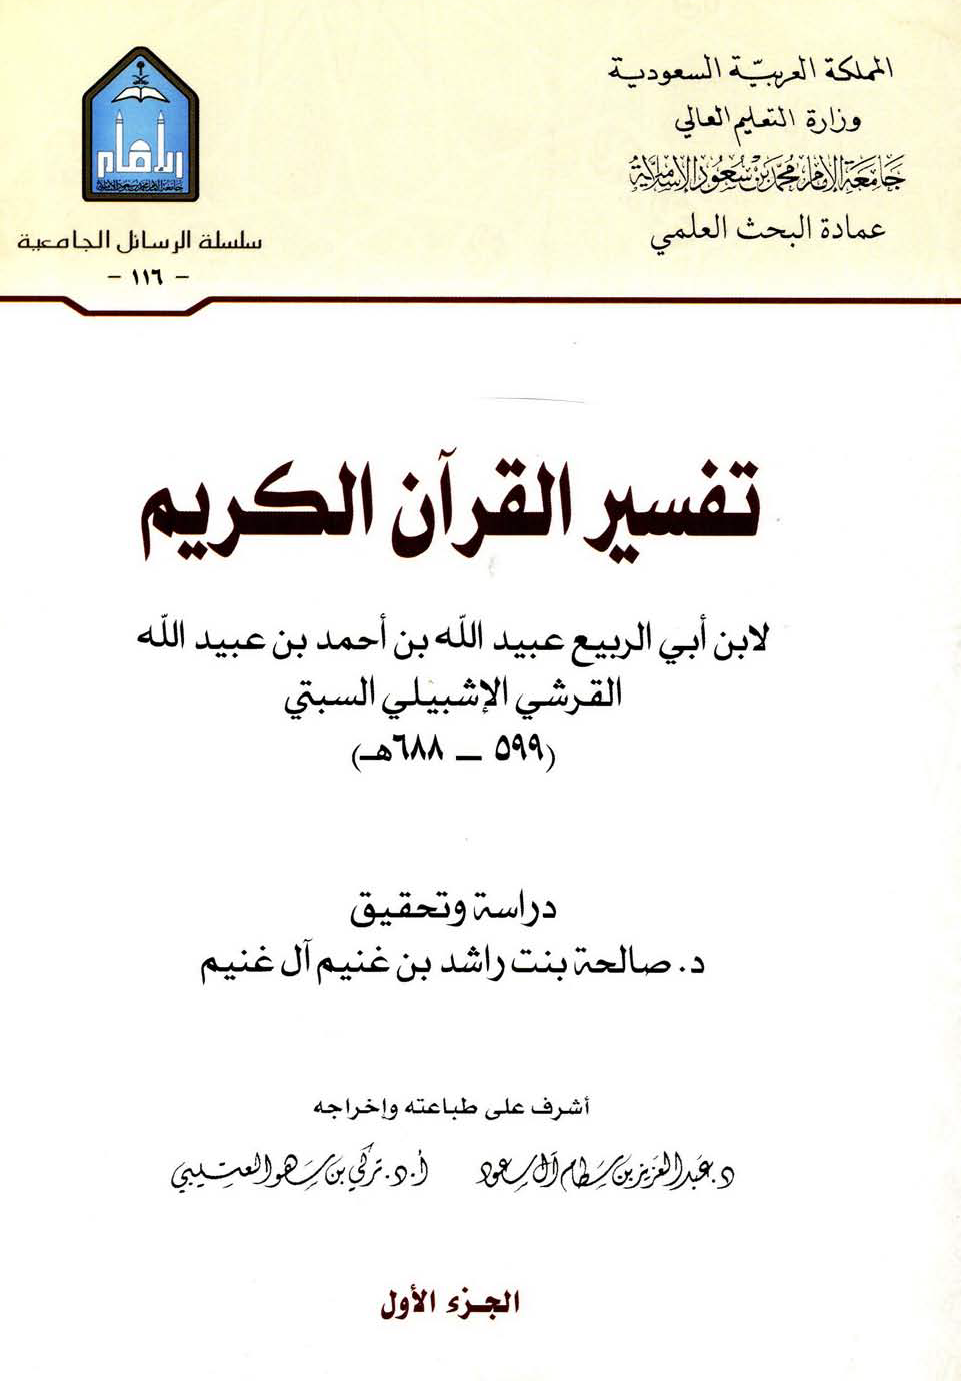 تحميل كتاب تفسير القرآن الكريم (ابن أبي الربيع الإشبيلي) لـِ: الإمام عبيد الله بن أحمد بن عبيد الله، ابن أبي الربيع القرشي الإشبيلي (ت 688)